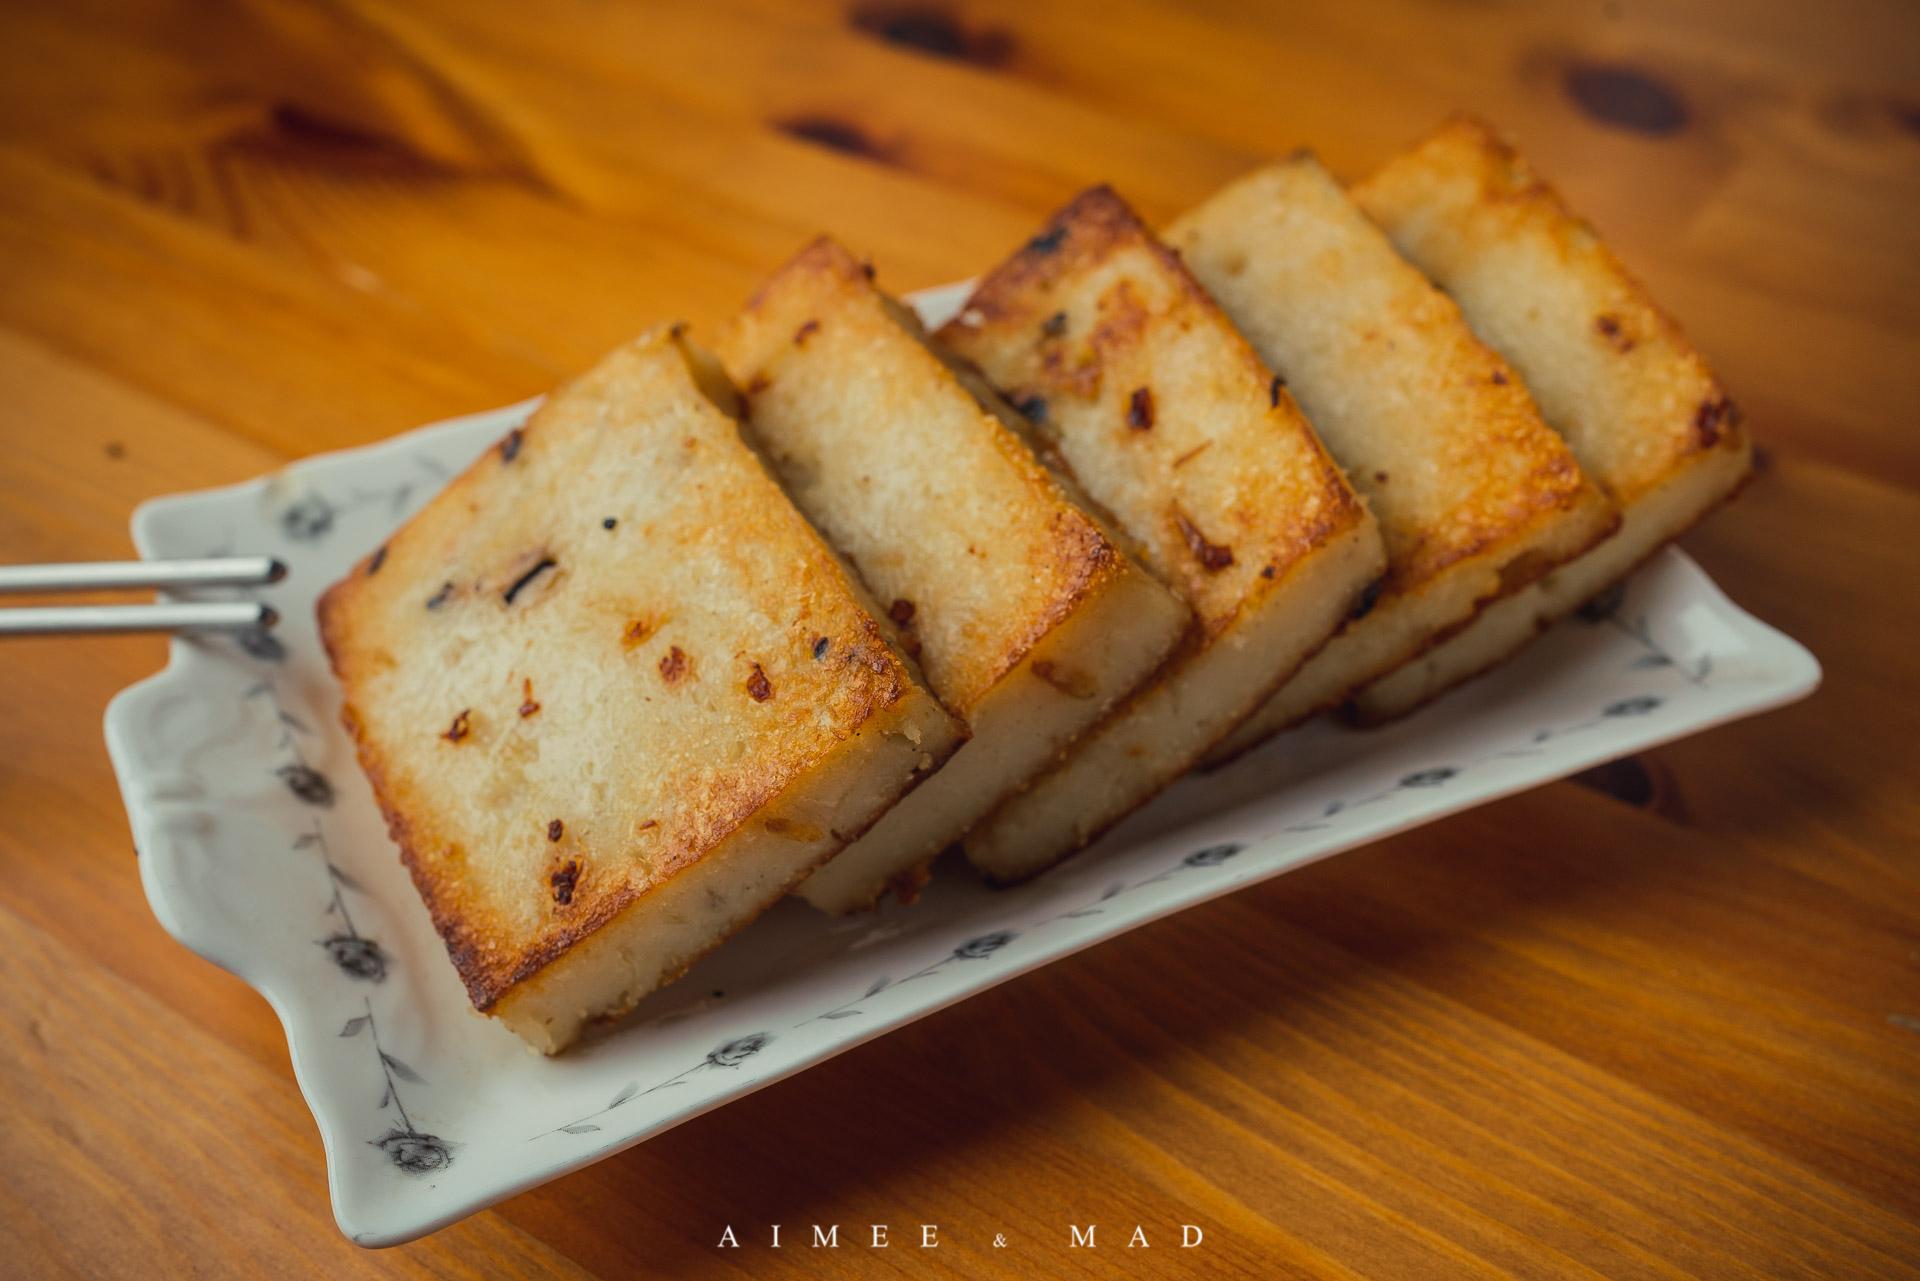 【蘿蔔糕】在來米粉漿+蘿蔔絲的比例多少?附蘿蔔糕三種料理!